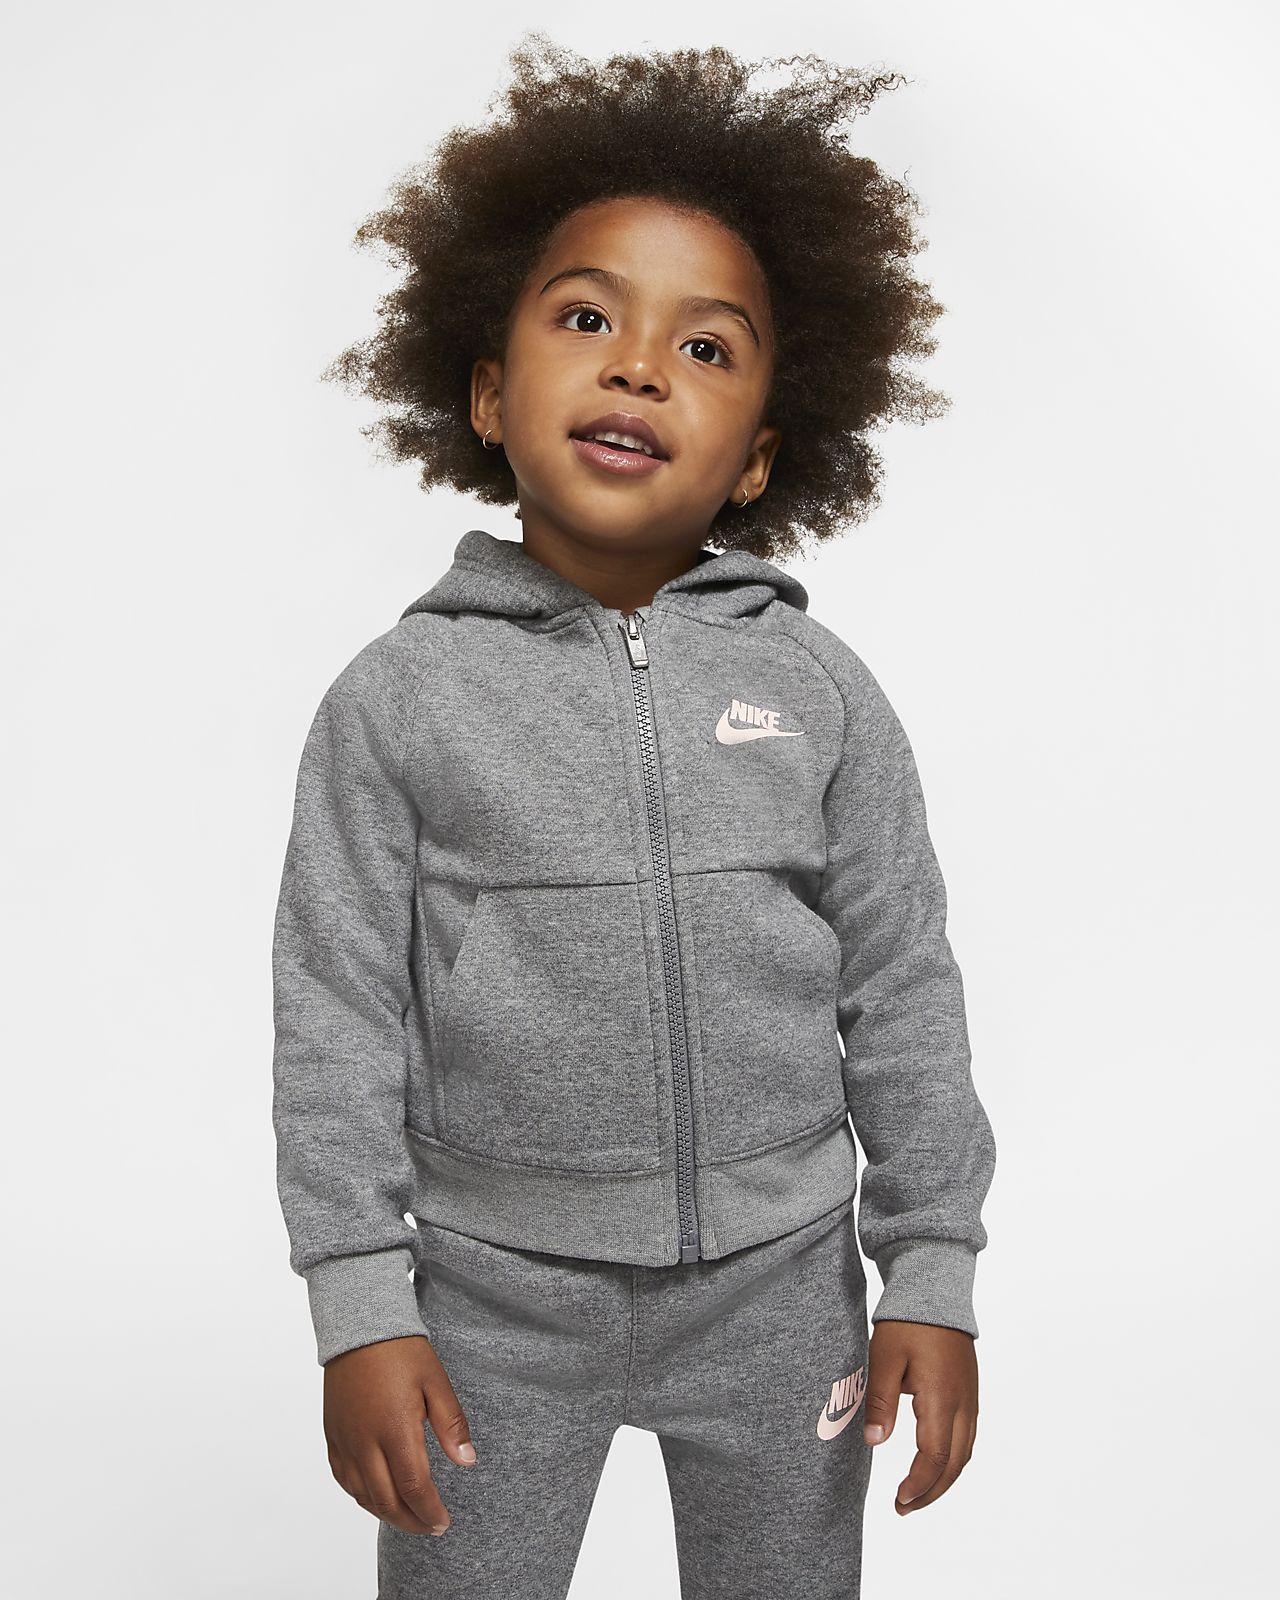 Nike Dessuadora amb caputxa i joggers (conjunt de 2 peces) - Infant